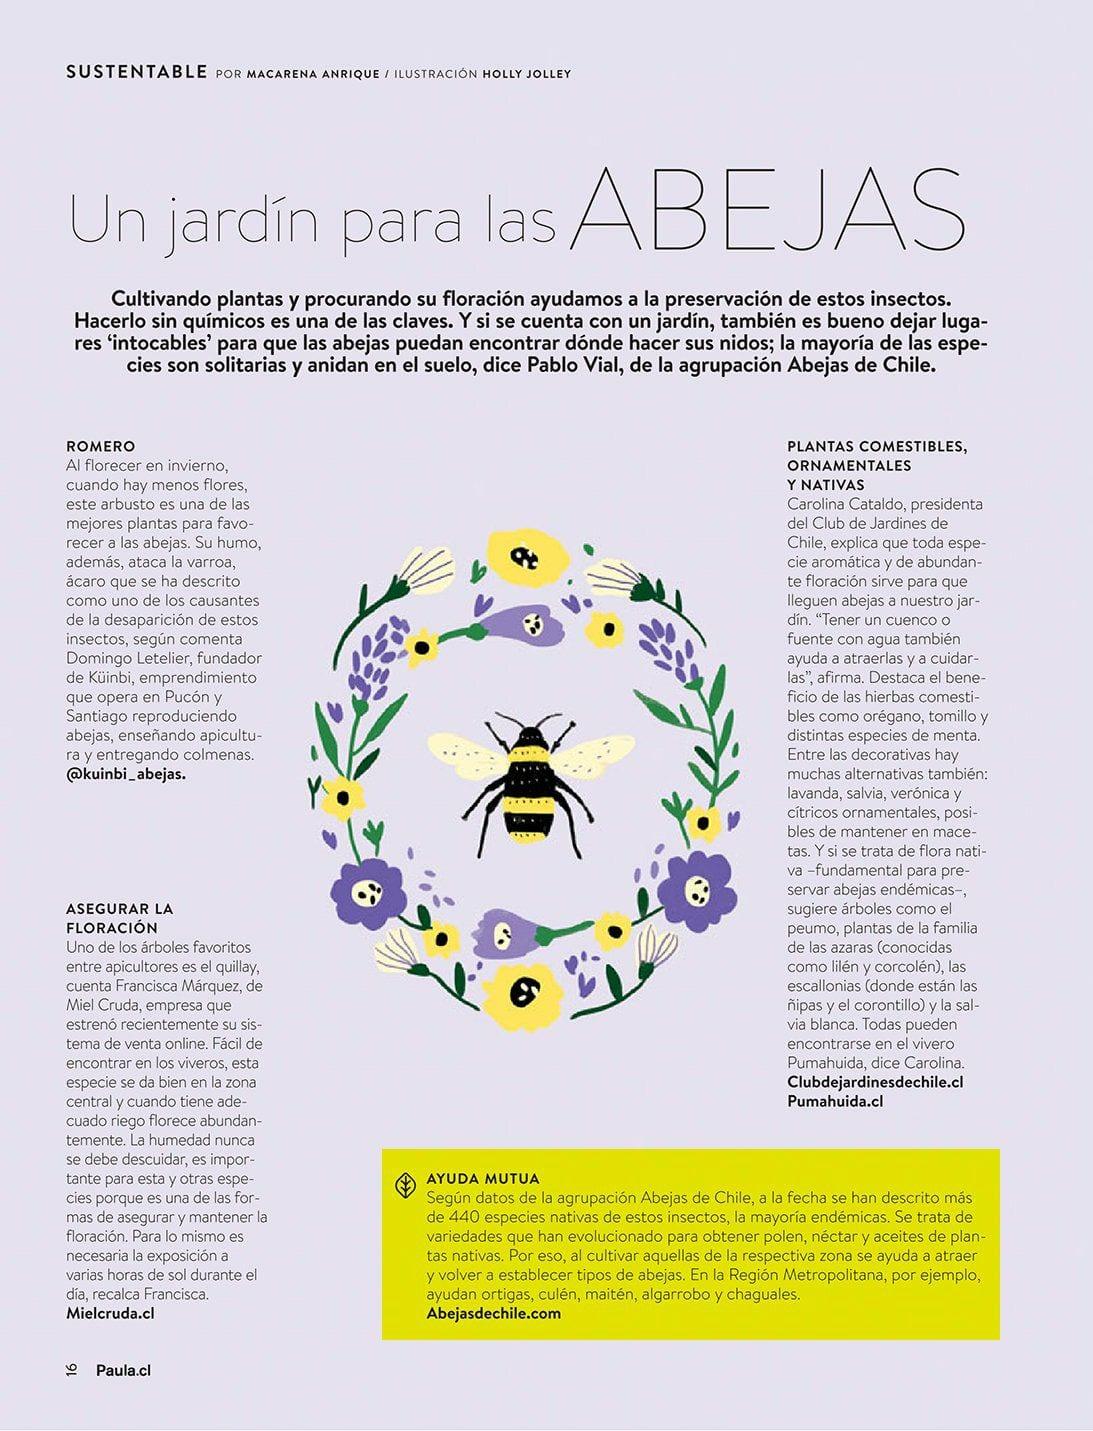 Cómo hacer y qué plantar en un jardín para salvar a las abejas silvestres o nativas